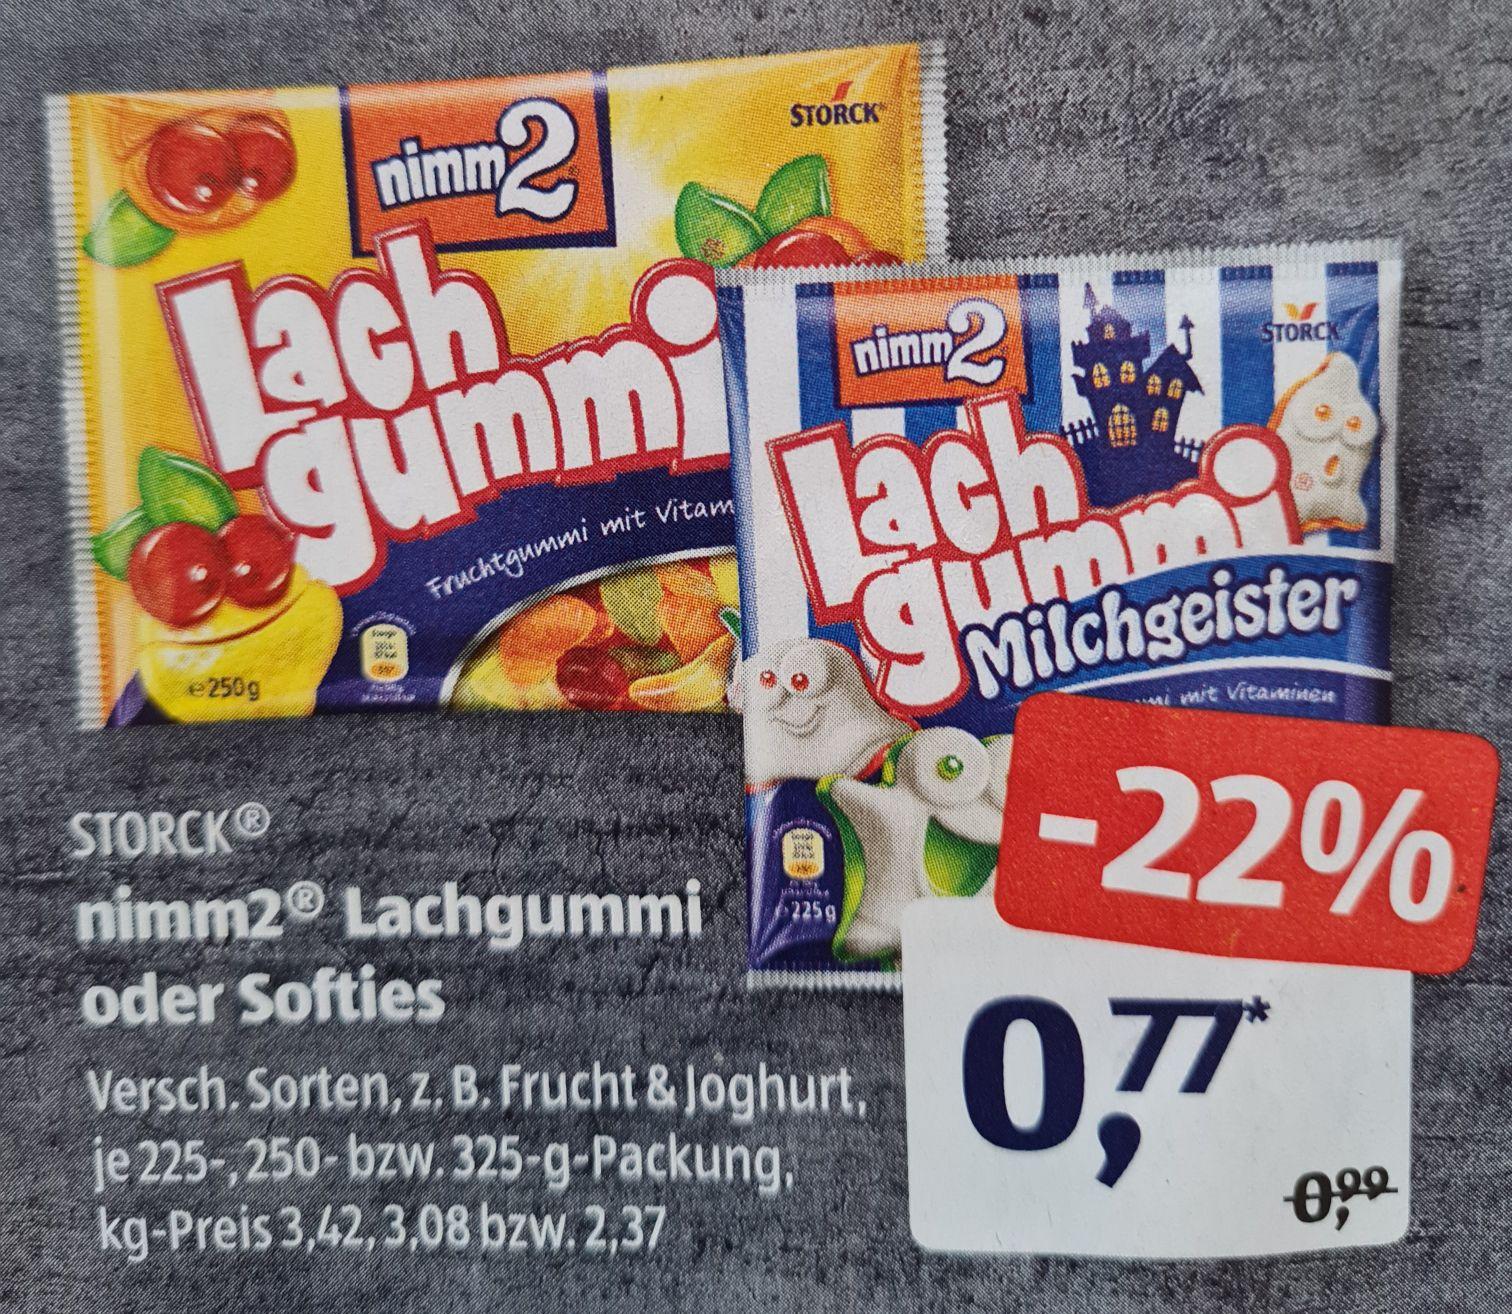 Storck® nimm2® Lachgummi oder Softies verschiedene Sorten und andere Angebote ab 12.04 Aldi Süd und Rewe